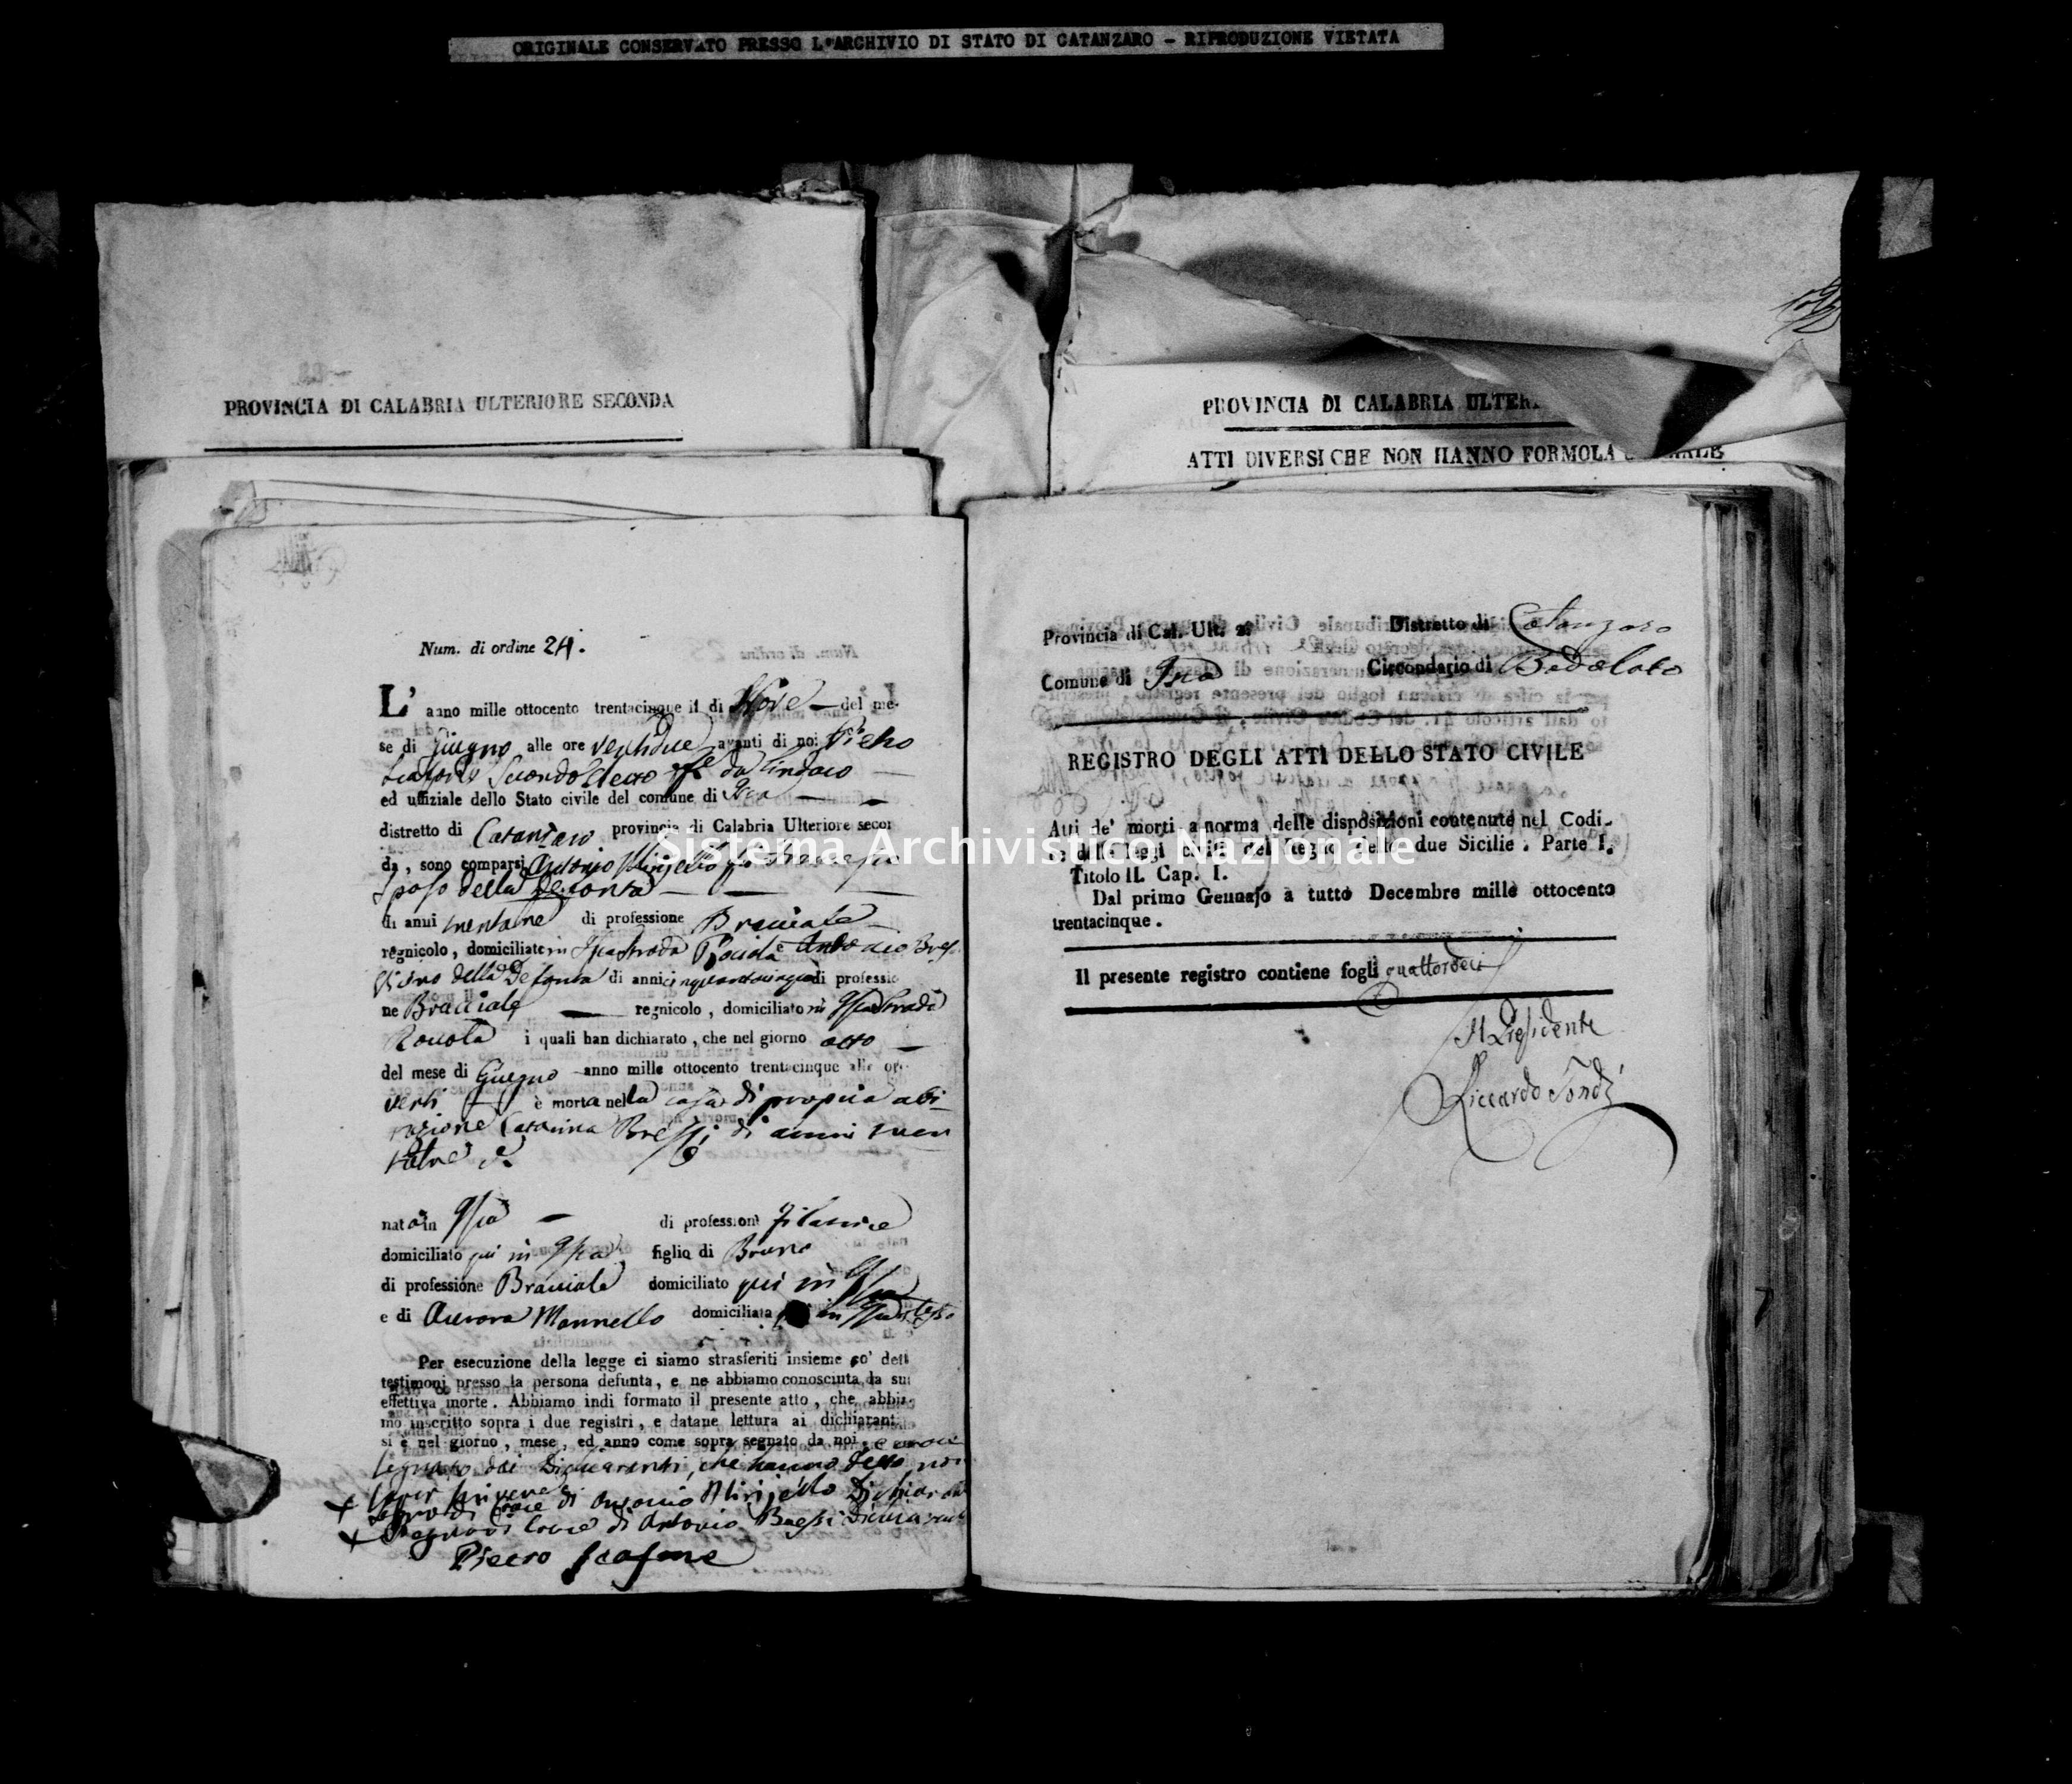 Archivio di stato di Catanzaro - Stato civile italiano - Isca sullo Ionio - Morti - 11/06/1835-31/12/1835 -